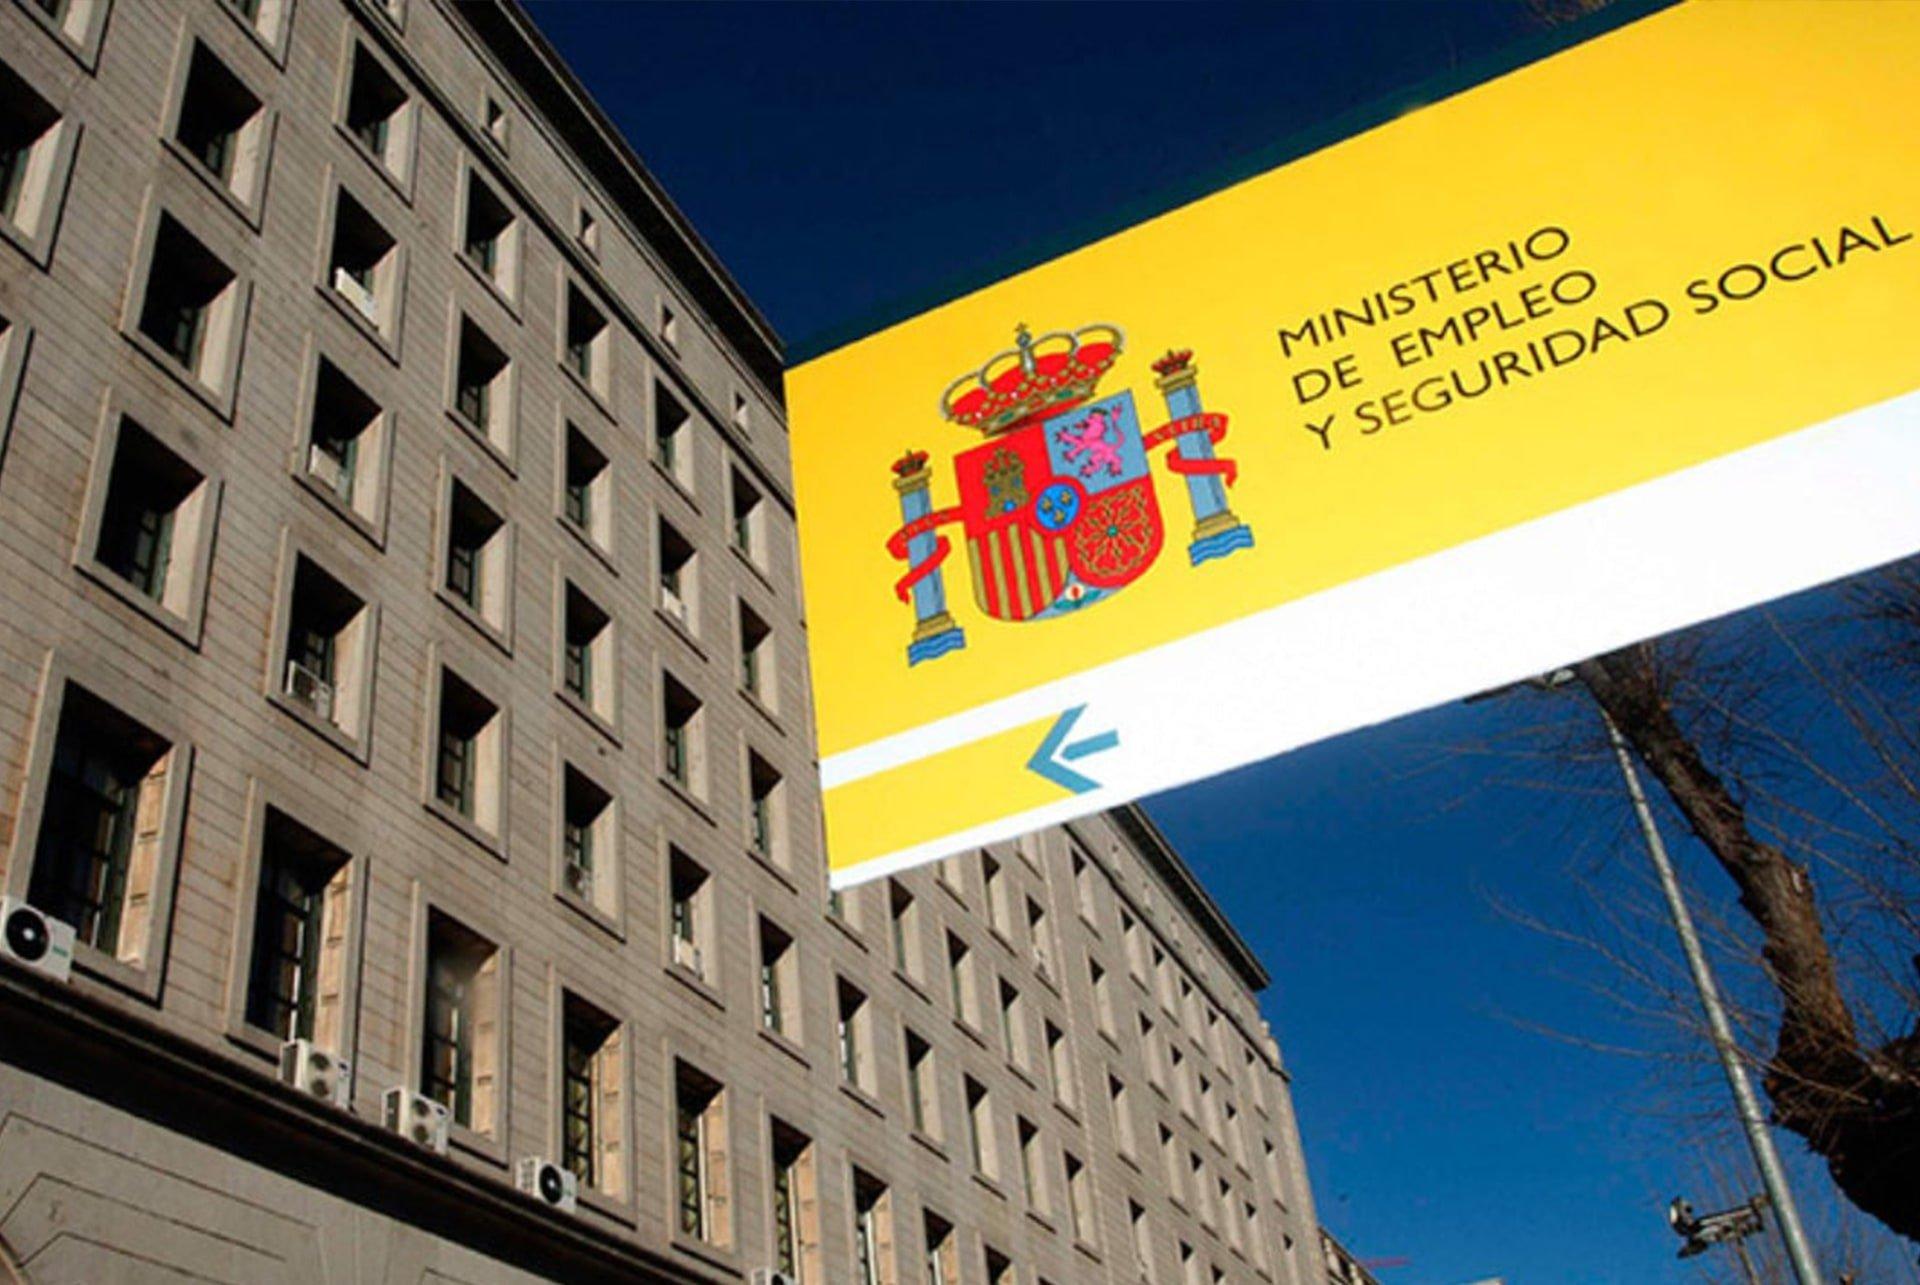 Cartel y edificio del Ministerio de empleo y seguridad social